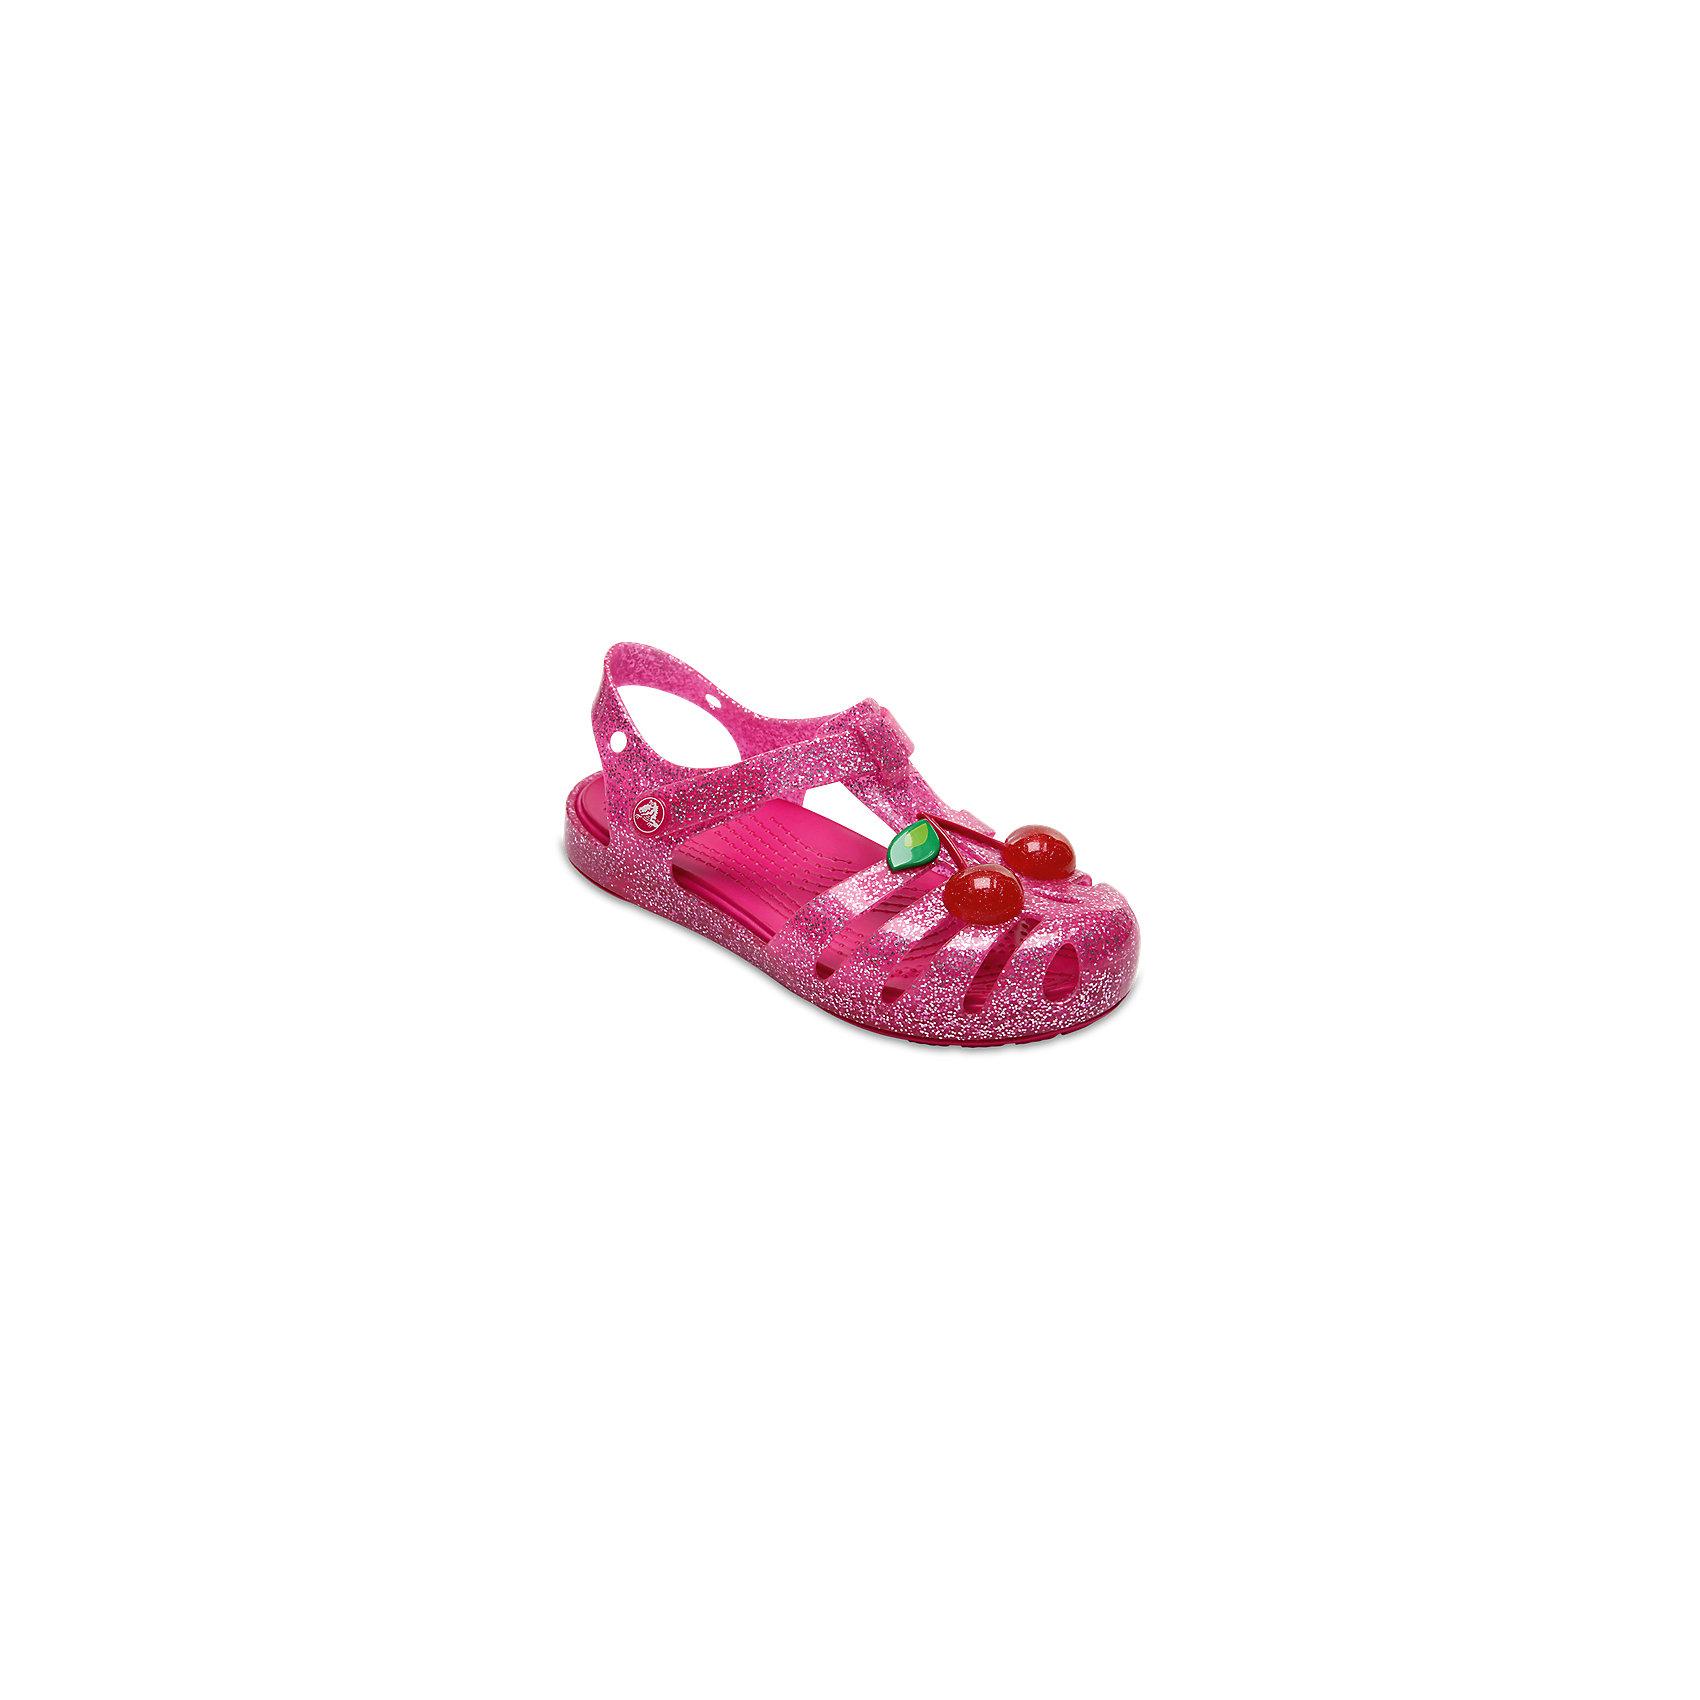 Сандалии для девочки Isabella Novelty Sandals CROCSПляжная обувь<br>Характеристики товара:<br><br>• цвет: розовый <br>• сезон: лето<br>• тип сандалей: закрытые<br>• материал: 100% полимер Croslite™<br>• литая модель<br>• объемное украшение<br>• бактериостатичный материал<br>• пяточный ремешок фиксирует стопу<br>• устойчивая подошва<br>• анатомическая стелька с массажными точками<br>• страна бренда: США<br>• страна изготовитель: Китай<br><br>Сандалии для девочки Isabella Novelty Sandals обеспечивают детям необходимый комфорт, а анатомическая стелька с массажными линиями для стимуляции кровообращения позволяет ножкам дольше не уставать. <br><br>Сандалии легко надеваются и снимаются, отлично сидят на ноге. <br><br>Материал, из которого они сделаны, не дает размножаться бактериям, поэтому такая обувь препятствует образованию неприятного запаха и появлению болезней стоп. <br><br>Обувь от американского бренда Crocs в данный момент завоевала широкую популярность во всем мире, и это не удивительно - ведь она невероятно удобна. <br><br>Её носят врачи, спортсмены, звёзды шоу-бизнеса, люди, которым много времени приходится бывать на ногах - они понимают, как важна комфортная обувь.<br><br>Продукция Crocs - это качественные товары, созданные с применением новейших технологий. <br><br>Сандалии для девочки Isabella Novelty Sandals от торговой марки Crocs можно купить в нашем интернет-магазине.<br><br>Ширина мм: 219<br>Глубина мм: 154<br>Высота мм: 121<br>Вес г: 343<br>Цвет: розовый<br>Возраст от месяцев: 24<br>Возраст до месяцев: 36<br>Пол: Женский<br>Возраст: Детский<br>Размер: 26,23,24,25,21,27,28,29,30,22<br>SKU: 5416831